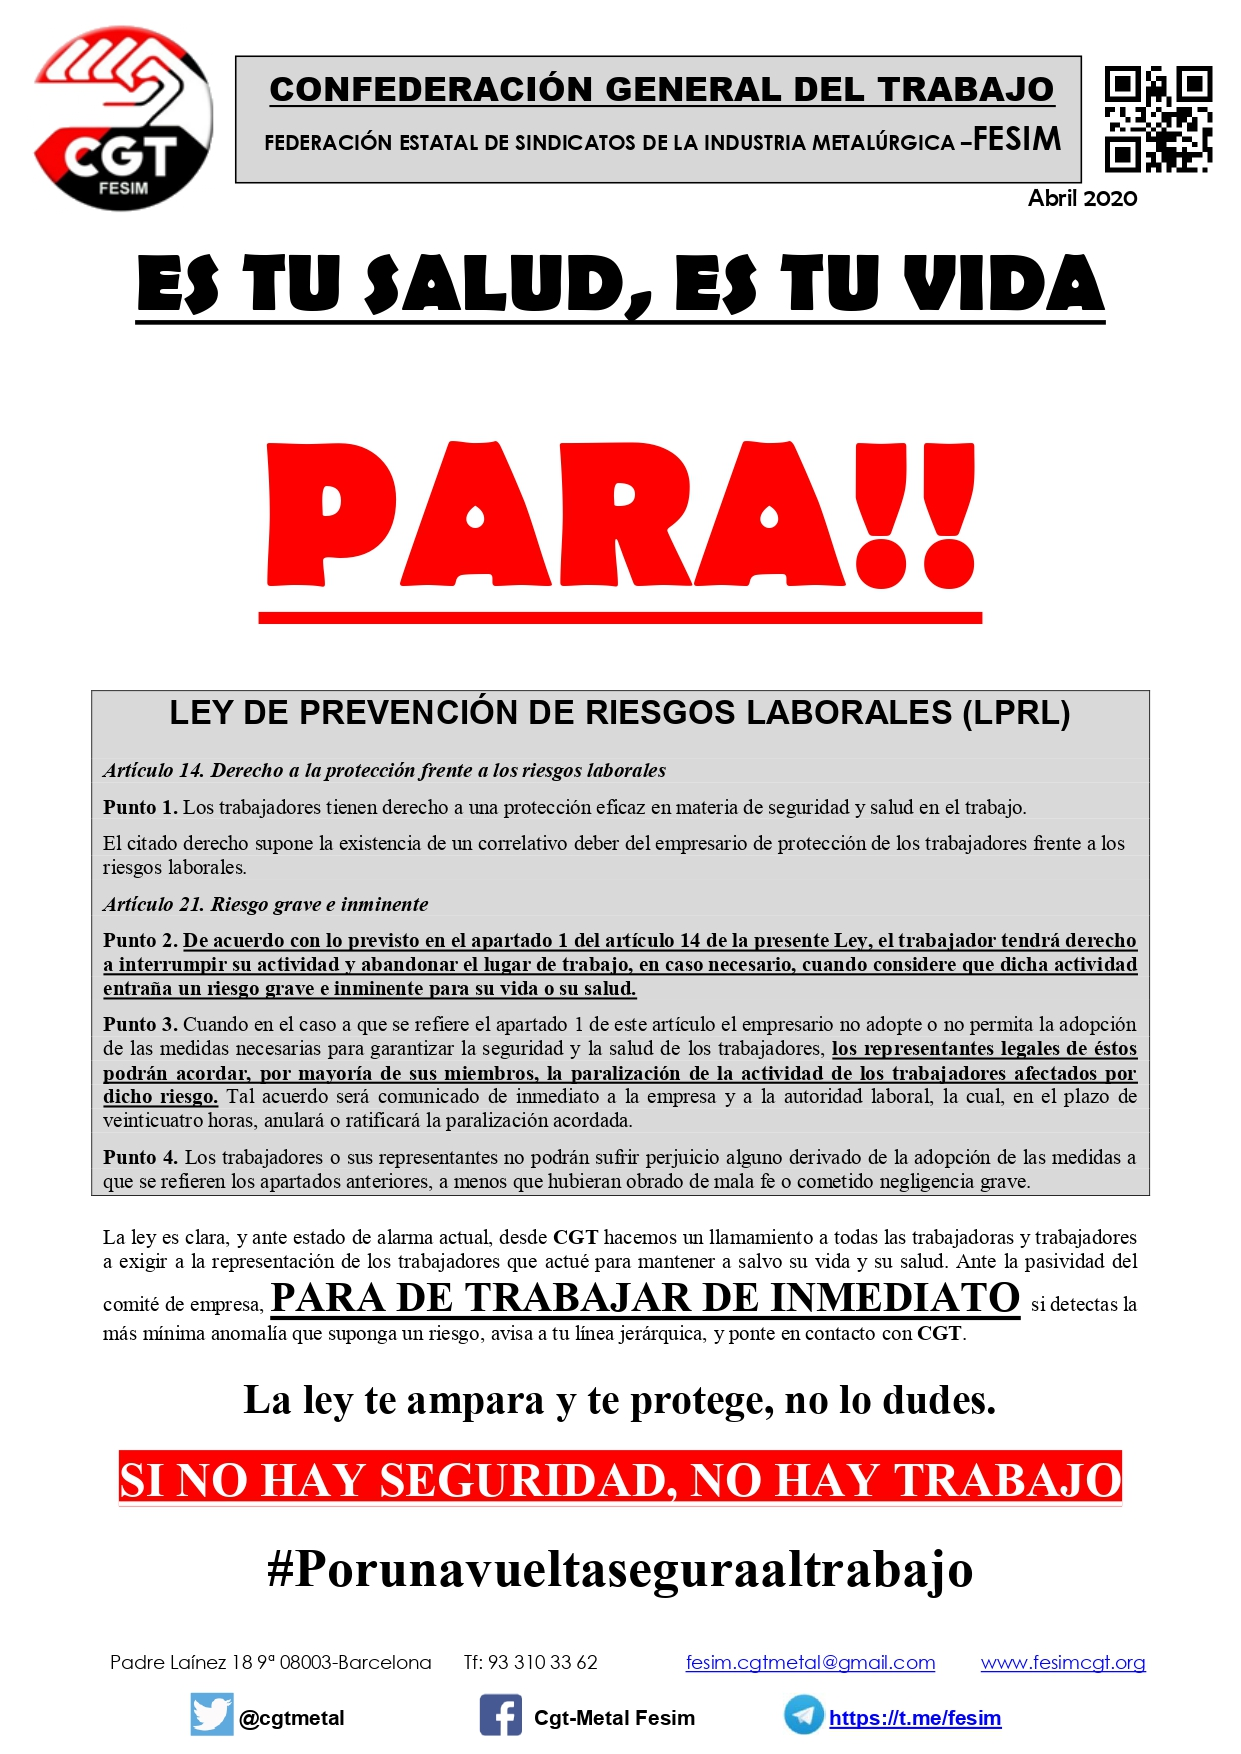 Comunicado - ES TU VIDA ES TU SALUD (FESIM)_page-0001(1)